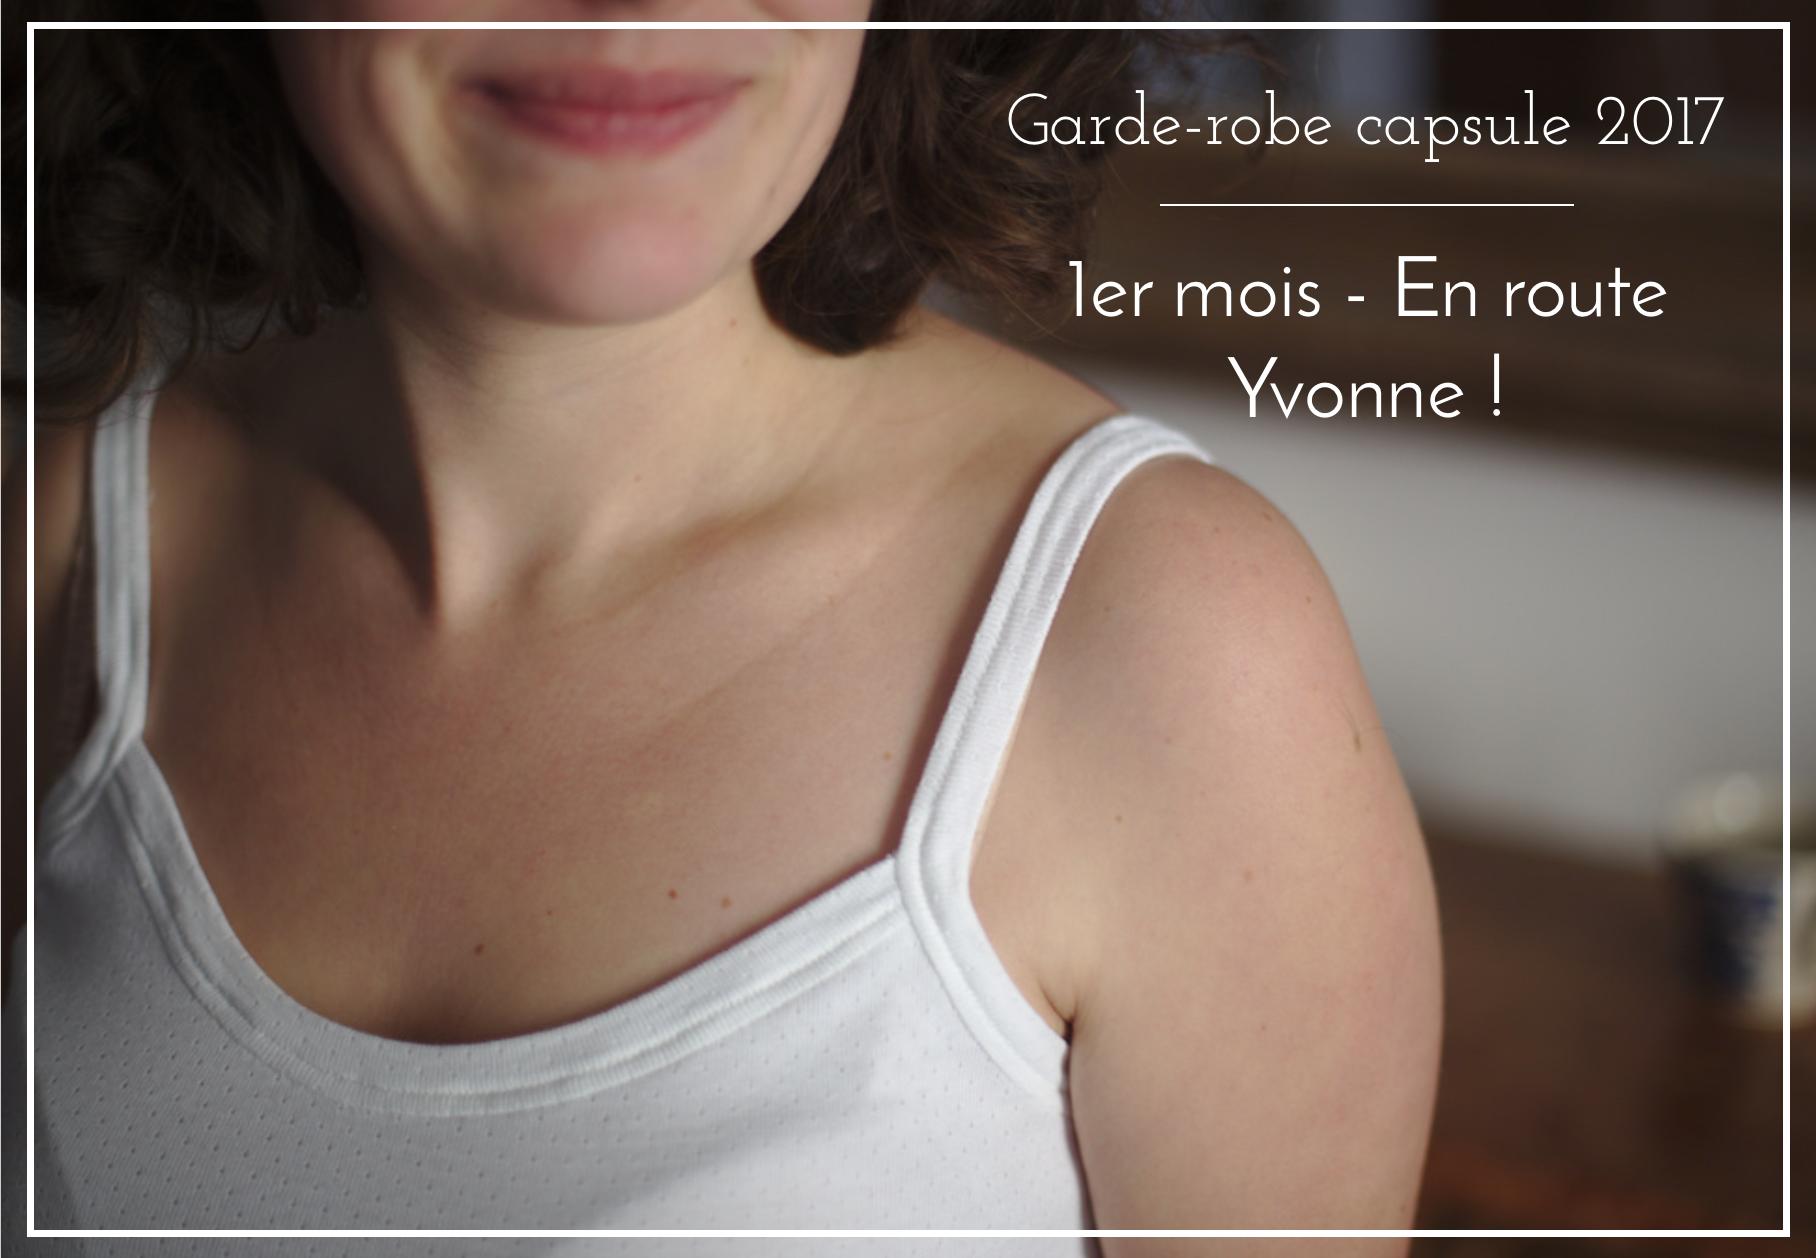 Garde-robe capsule 2017 - Mois 1 - En route Yvonne